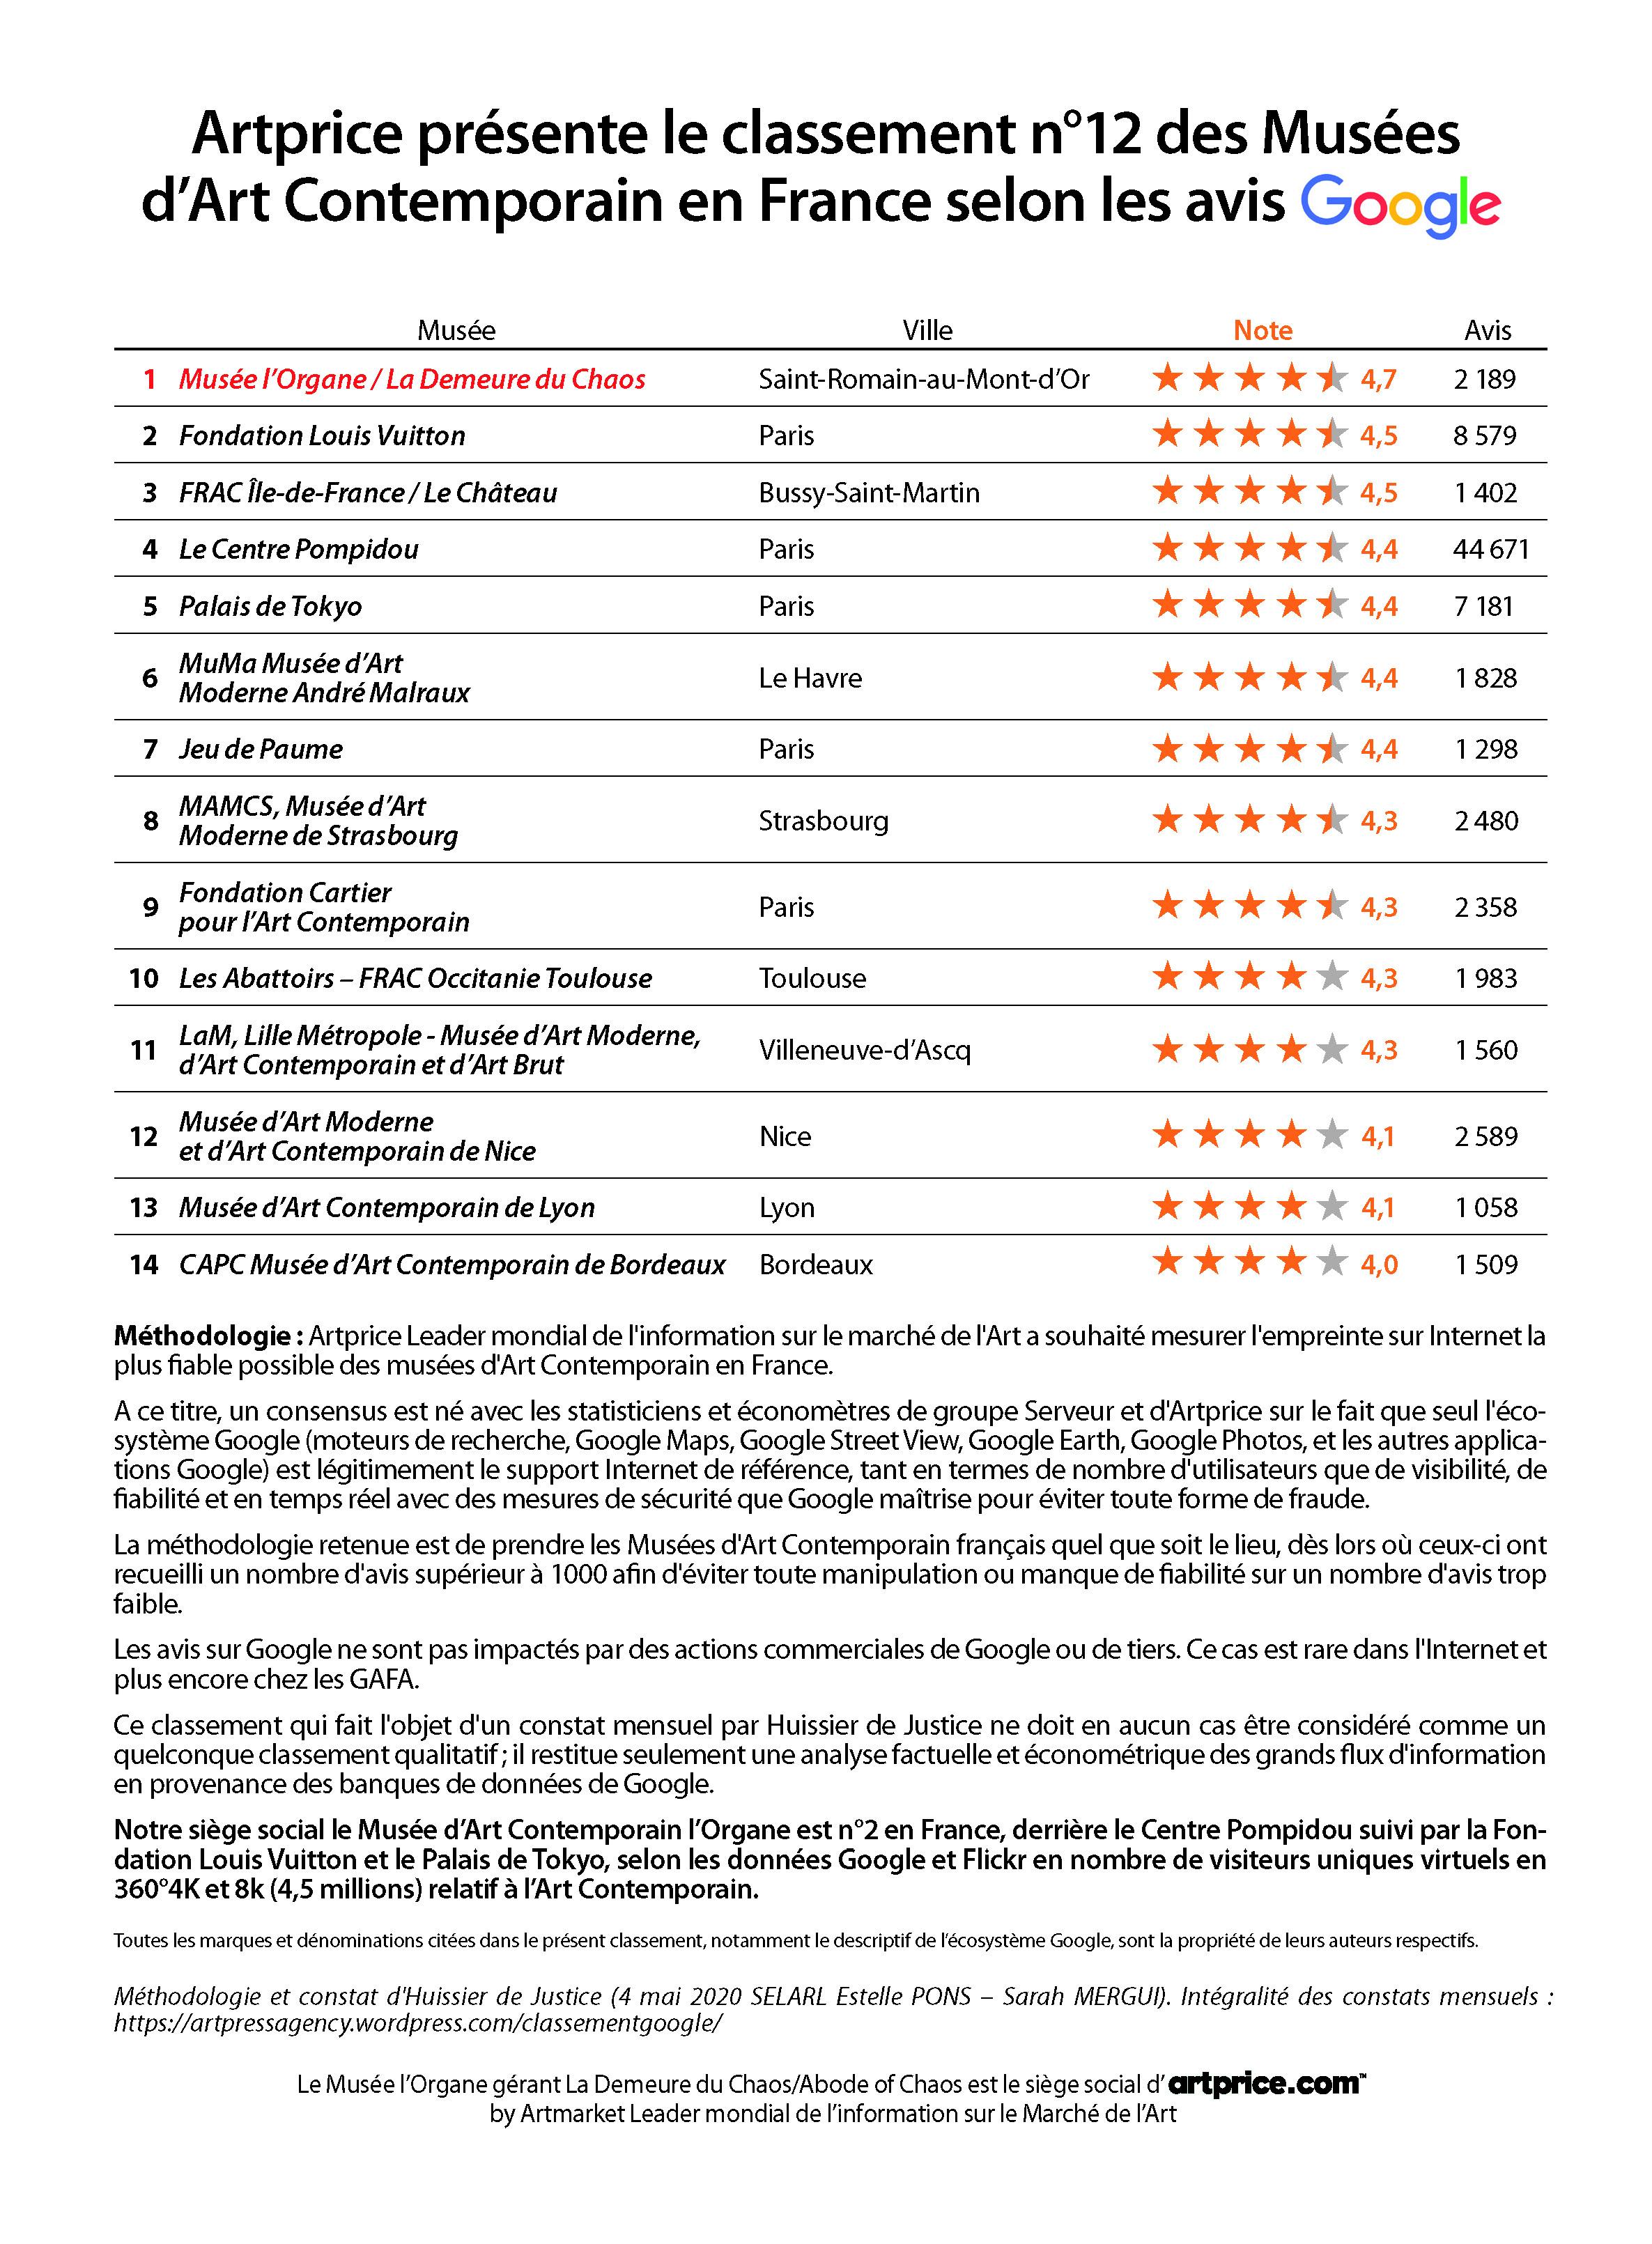 Artprice présente le classement n°12 des Musées d'Art Contemporain en France selon les avis Google